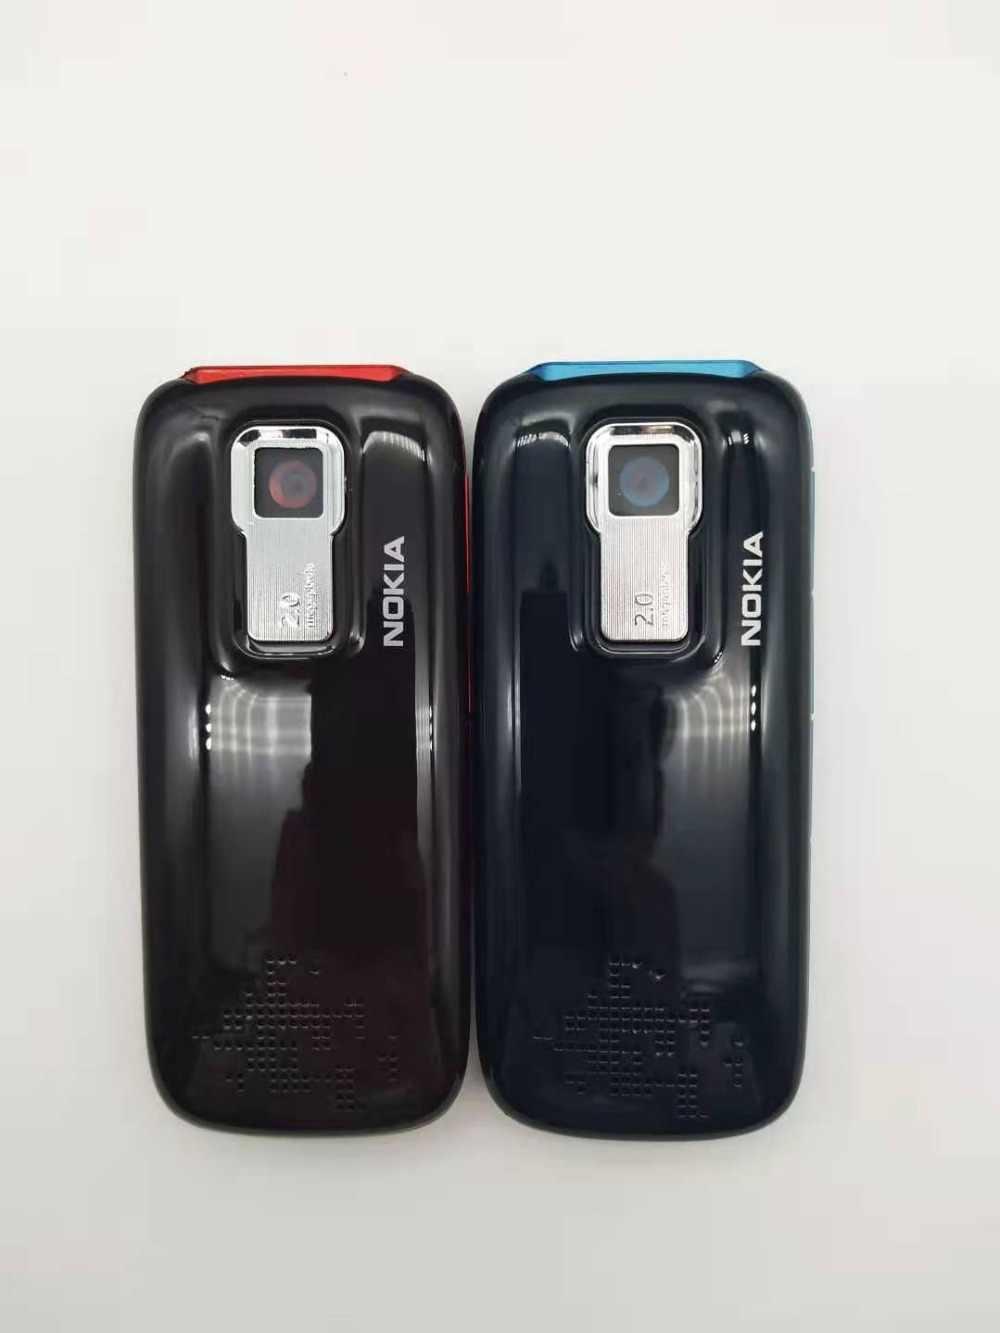 מקורי נוקיה 5130 XpressMusic סמארטפון נייד טלפון Bluetooth FM מקלדת רוסית תמיכת טלפון סלולרי משלוח חינם